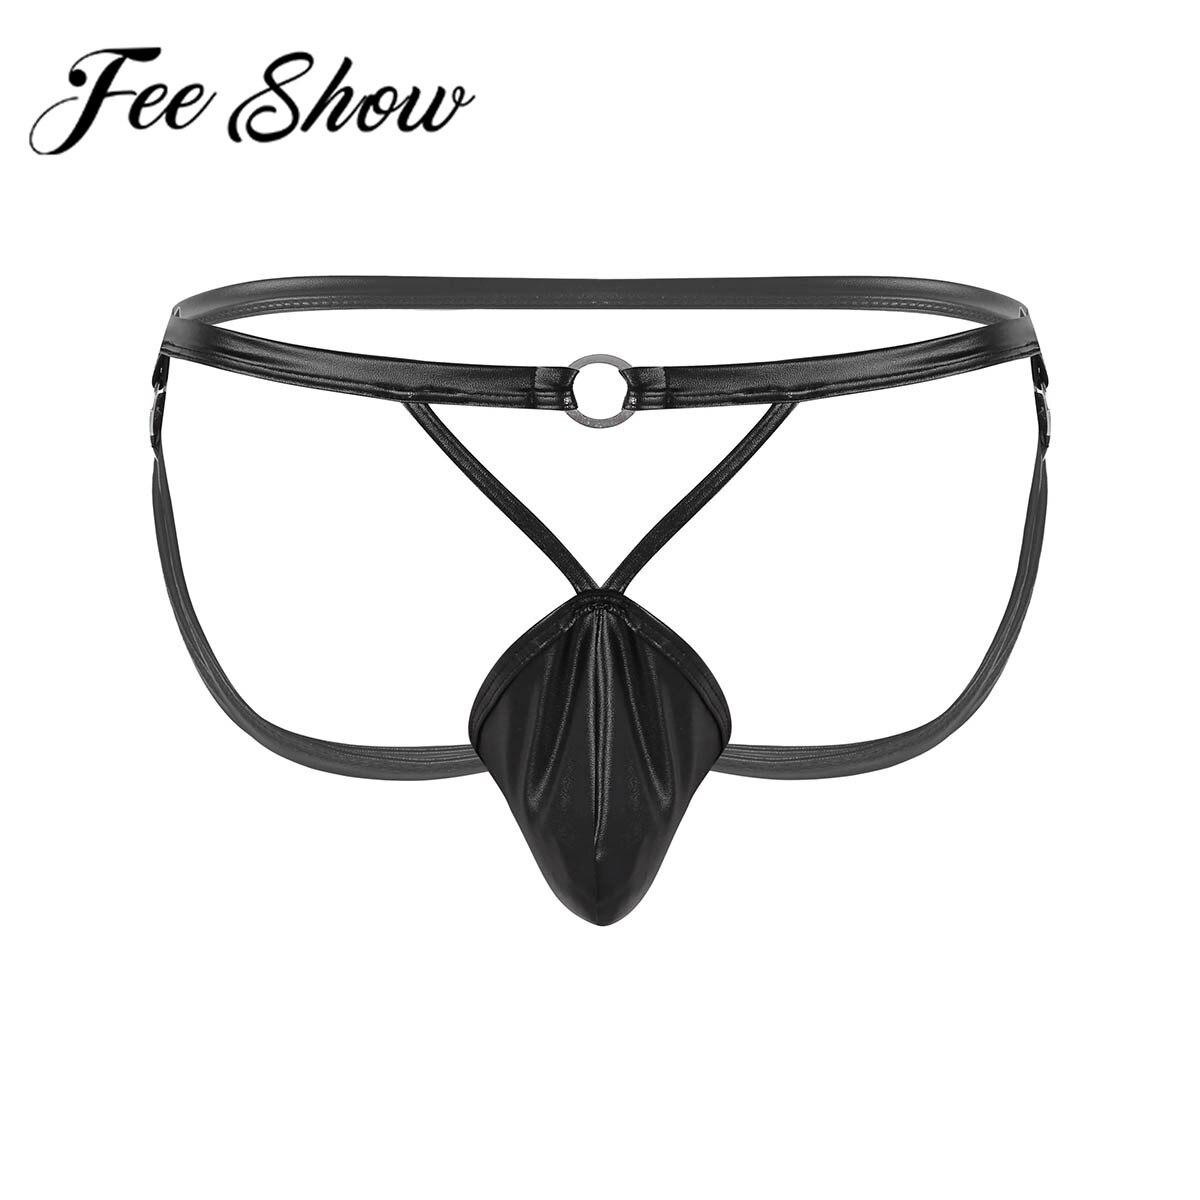 Energisch Sexy Männer Faux Leder Dessous Low Rise Öffnen Hintern Ausbuchtung Beutel Strappy Suspensorium Bikini G-string & Thongs Unterwäsche & Metall O-ringe